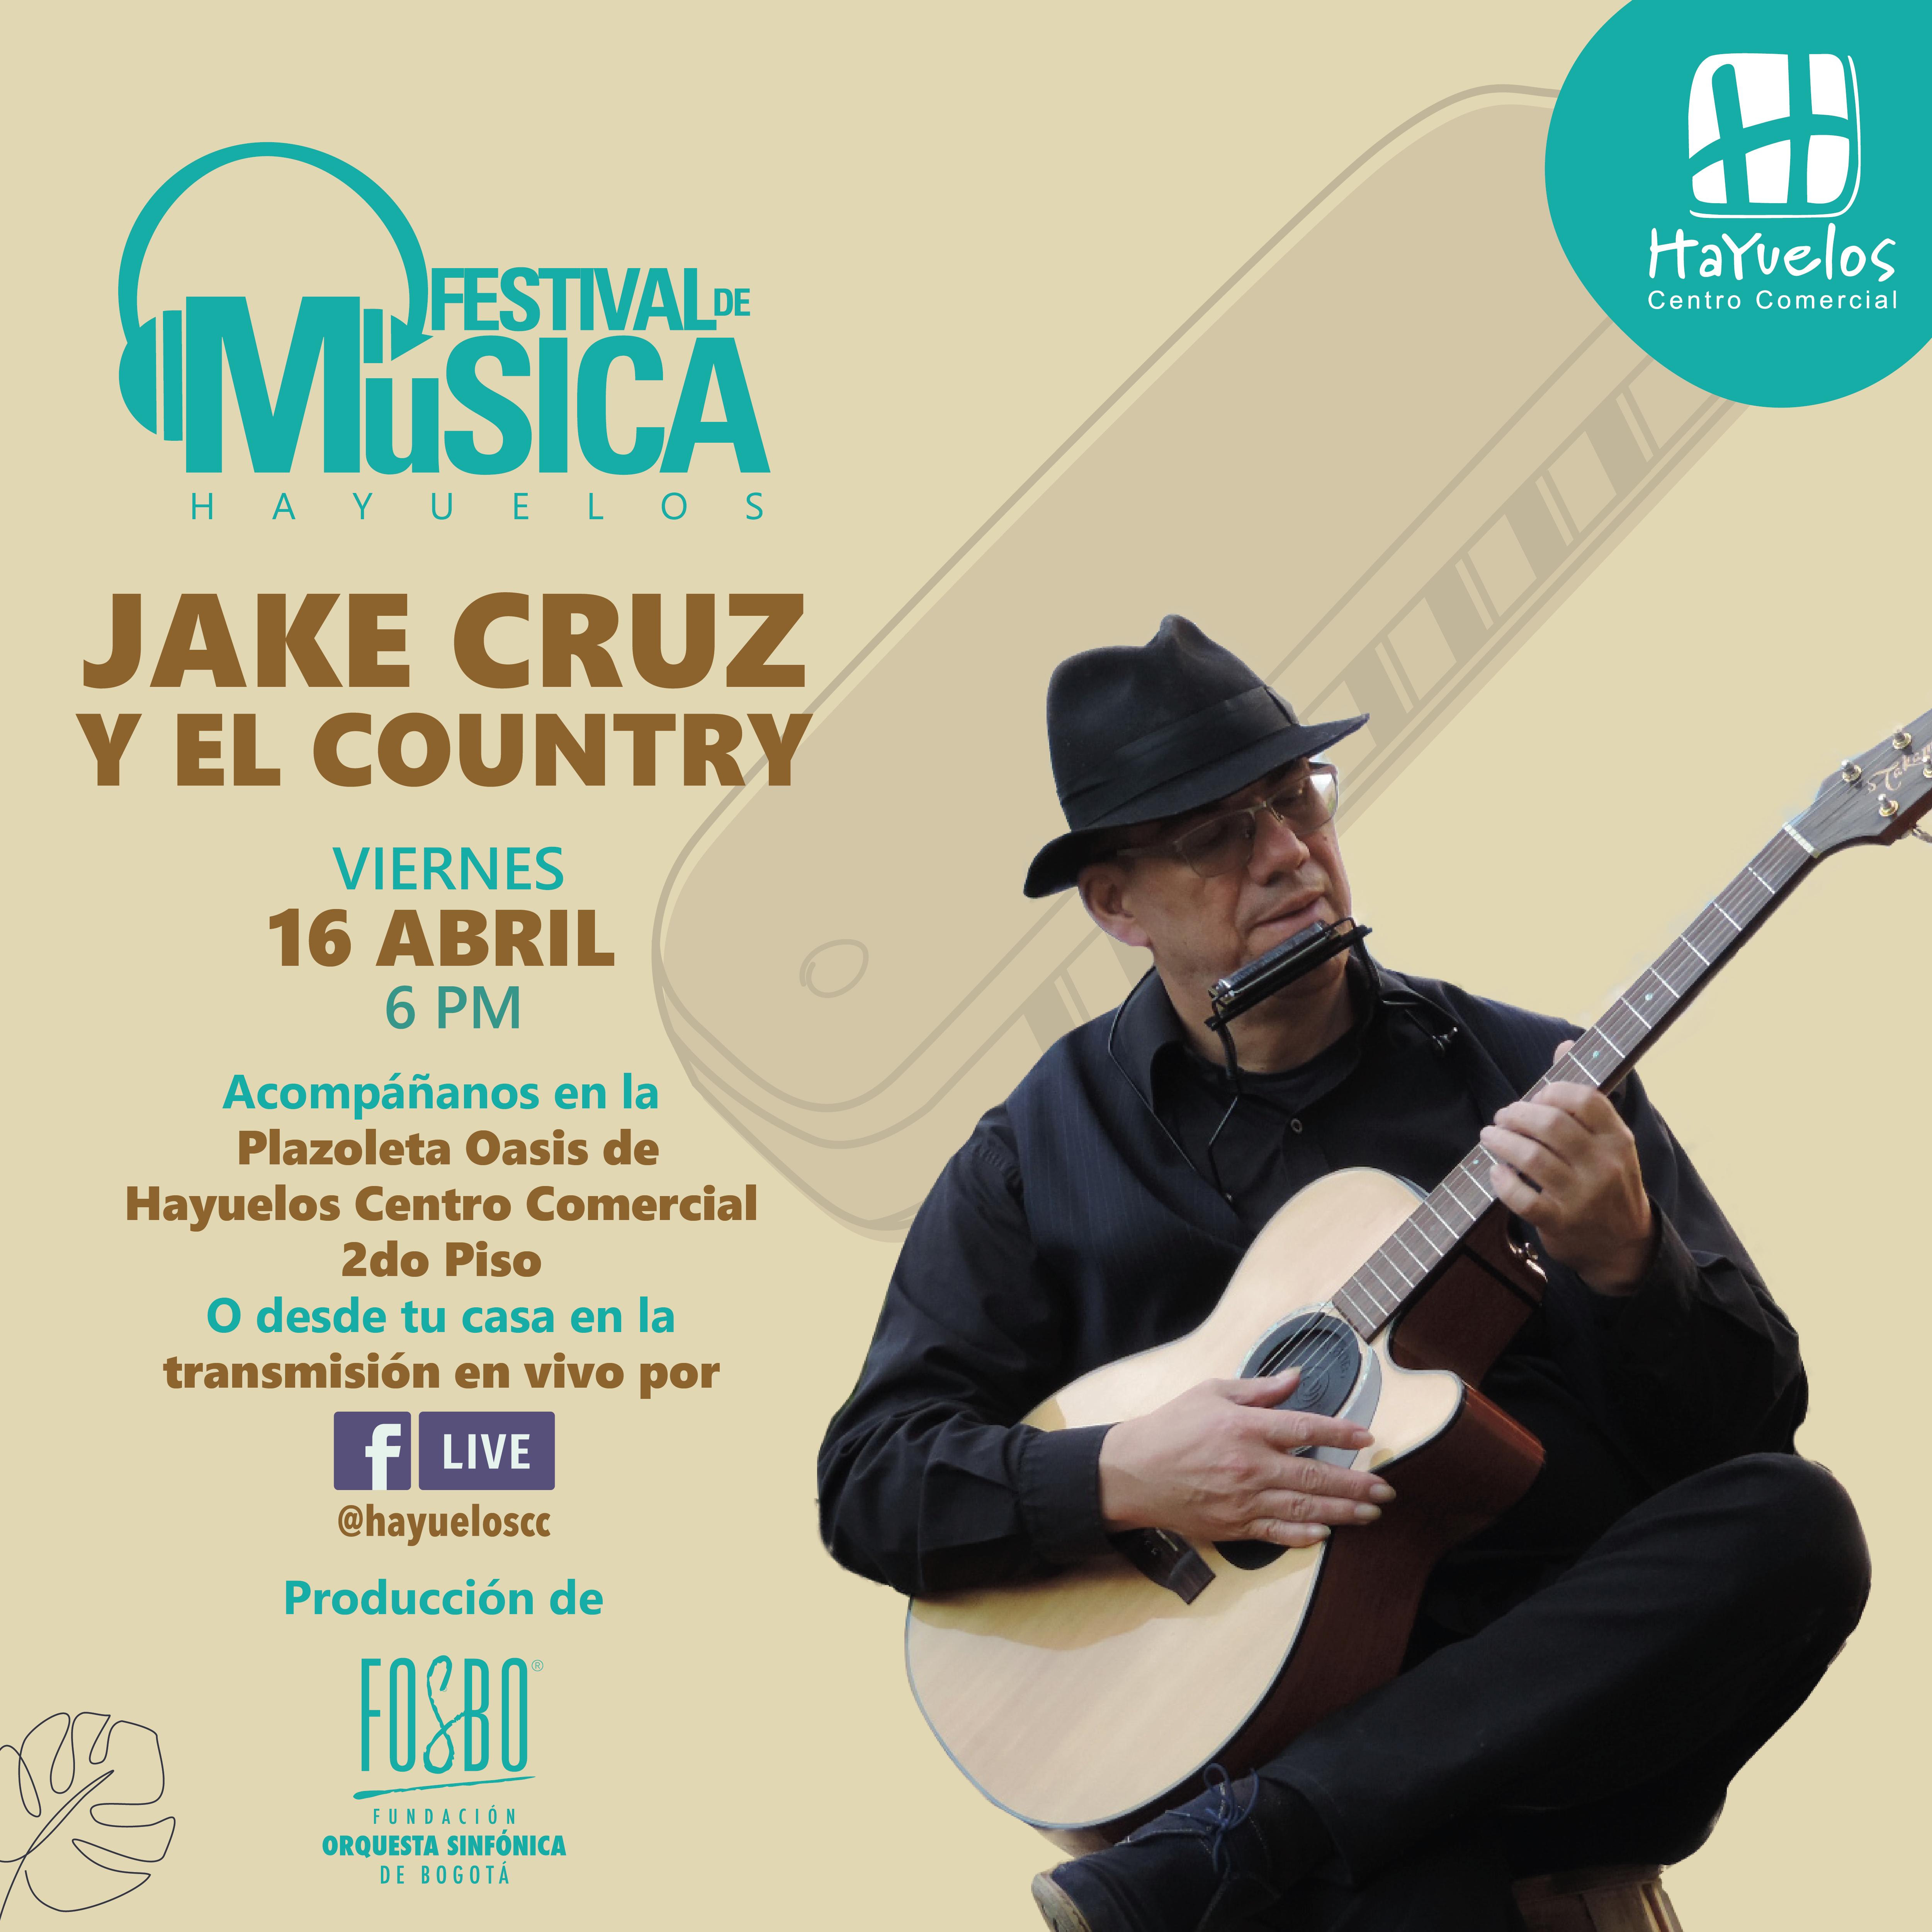 Jake Cruz Country Festival de Música Hayuelos